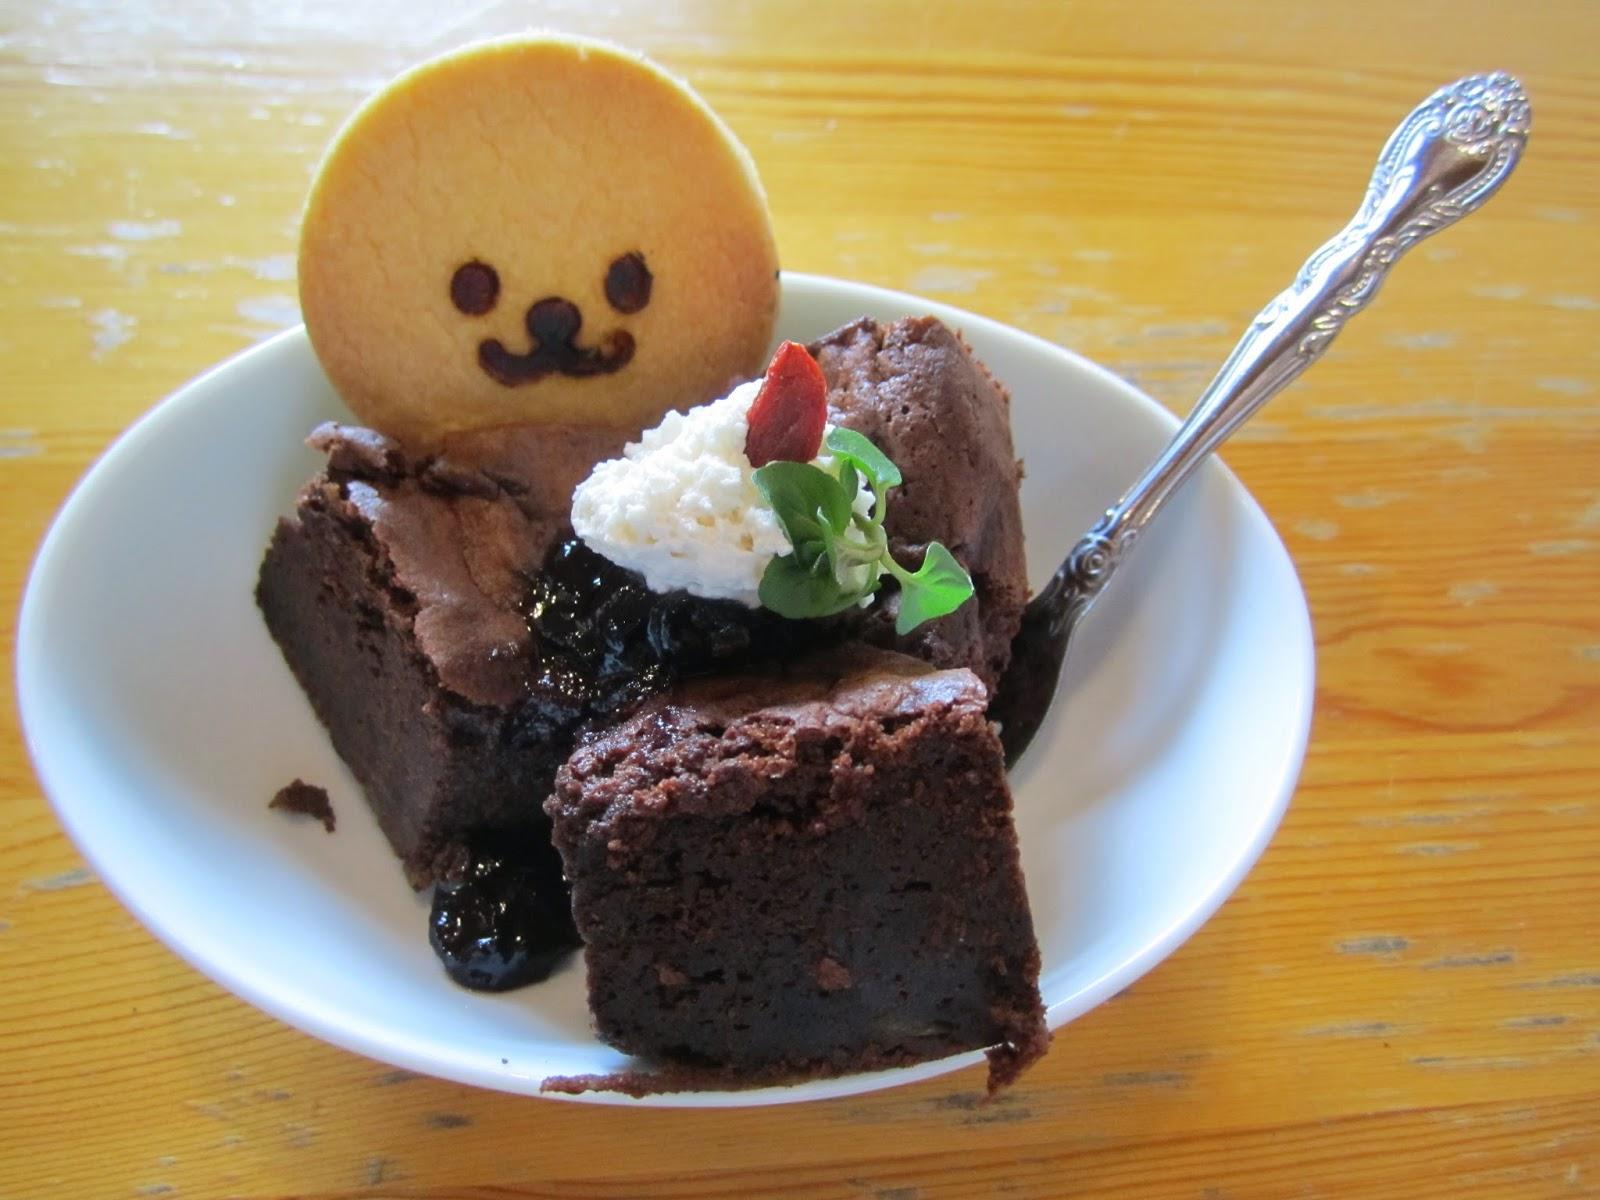 Sweets Set Gobou Gateau Chocolat Nagisa Cafe Hachinohe City スイーツセット ごぼうのガトーショコラ ナギサカフェ 八戸市